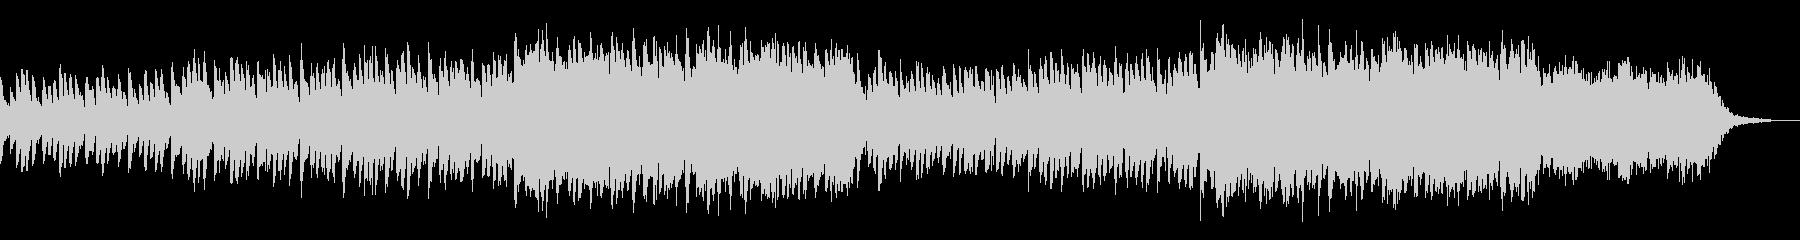 イージーリスニング系BGMの未再生の波形